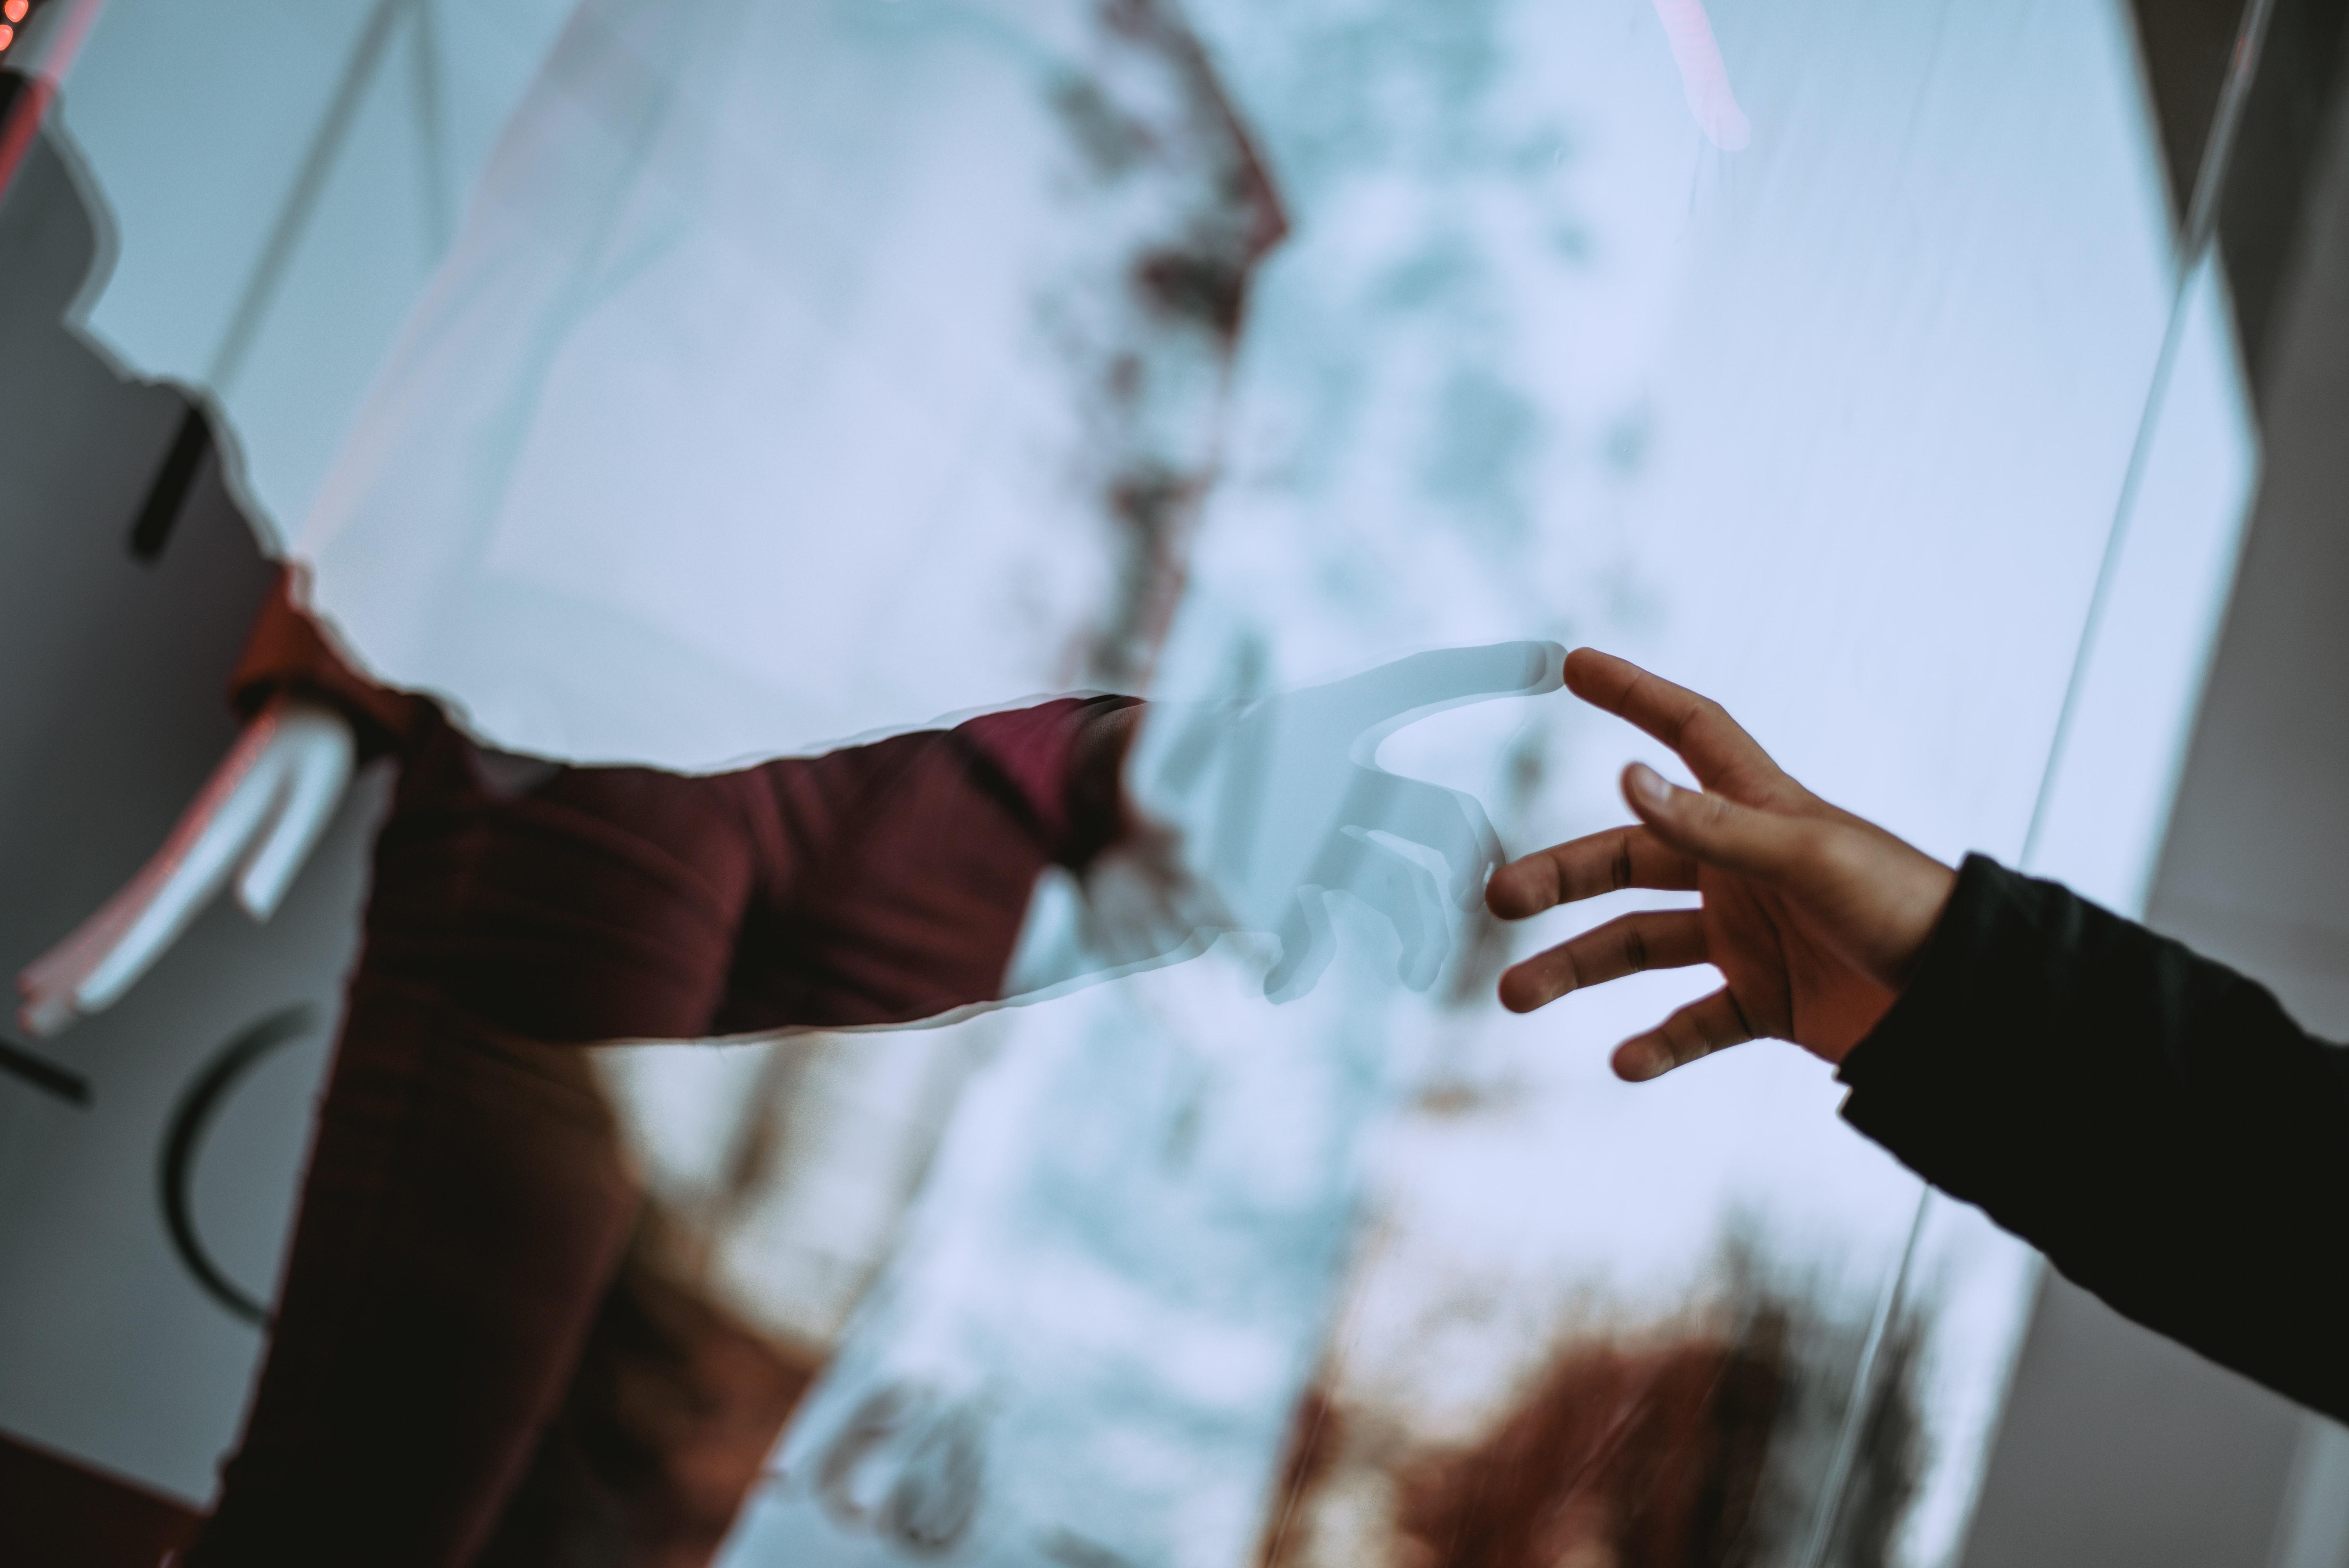 cung hoàng đạo kết nối cảm xúc tay chạm kính